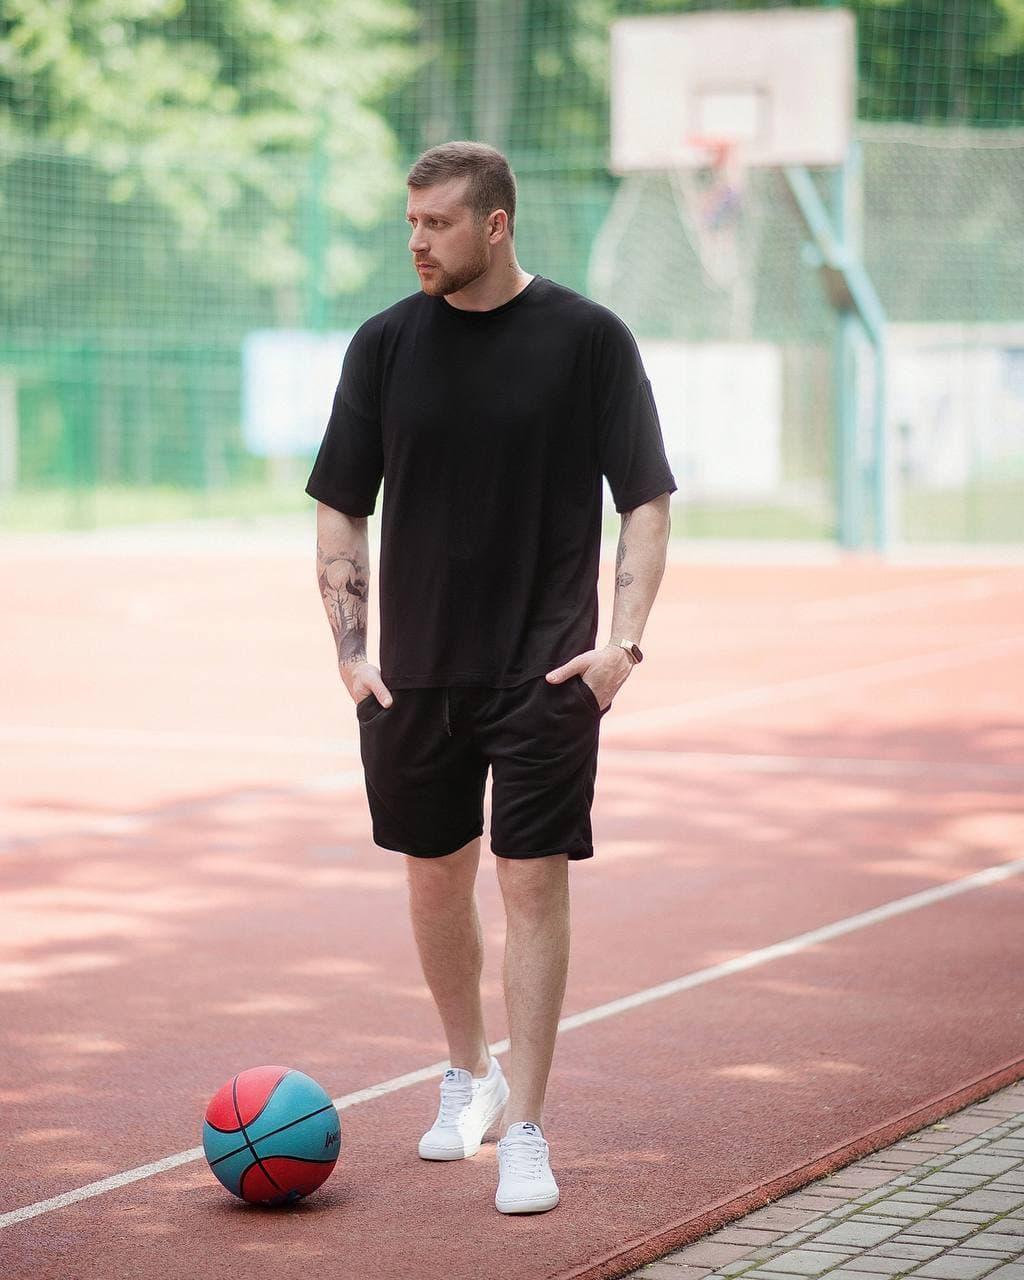 Футболка оверсайз мужская Dekka Asos OverSlim, Мужская футболка черная свободного кроя хлопковая ЛЮКС качества